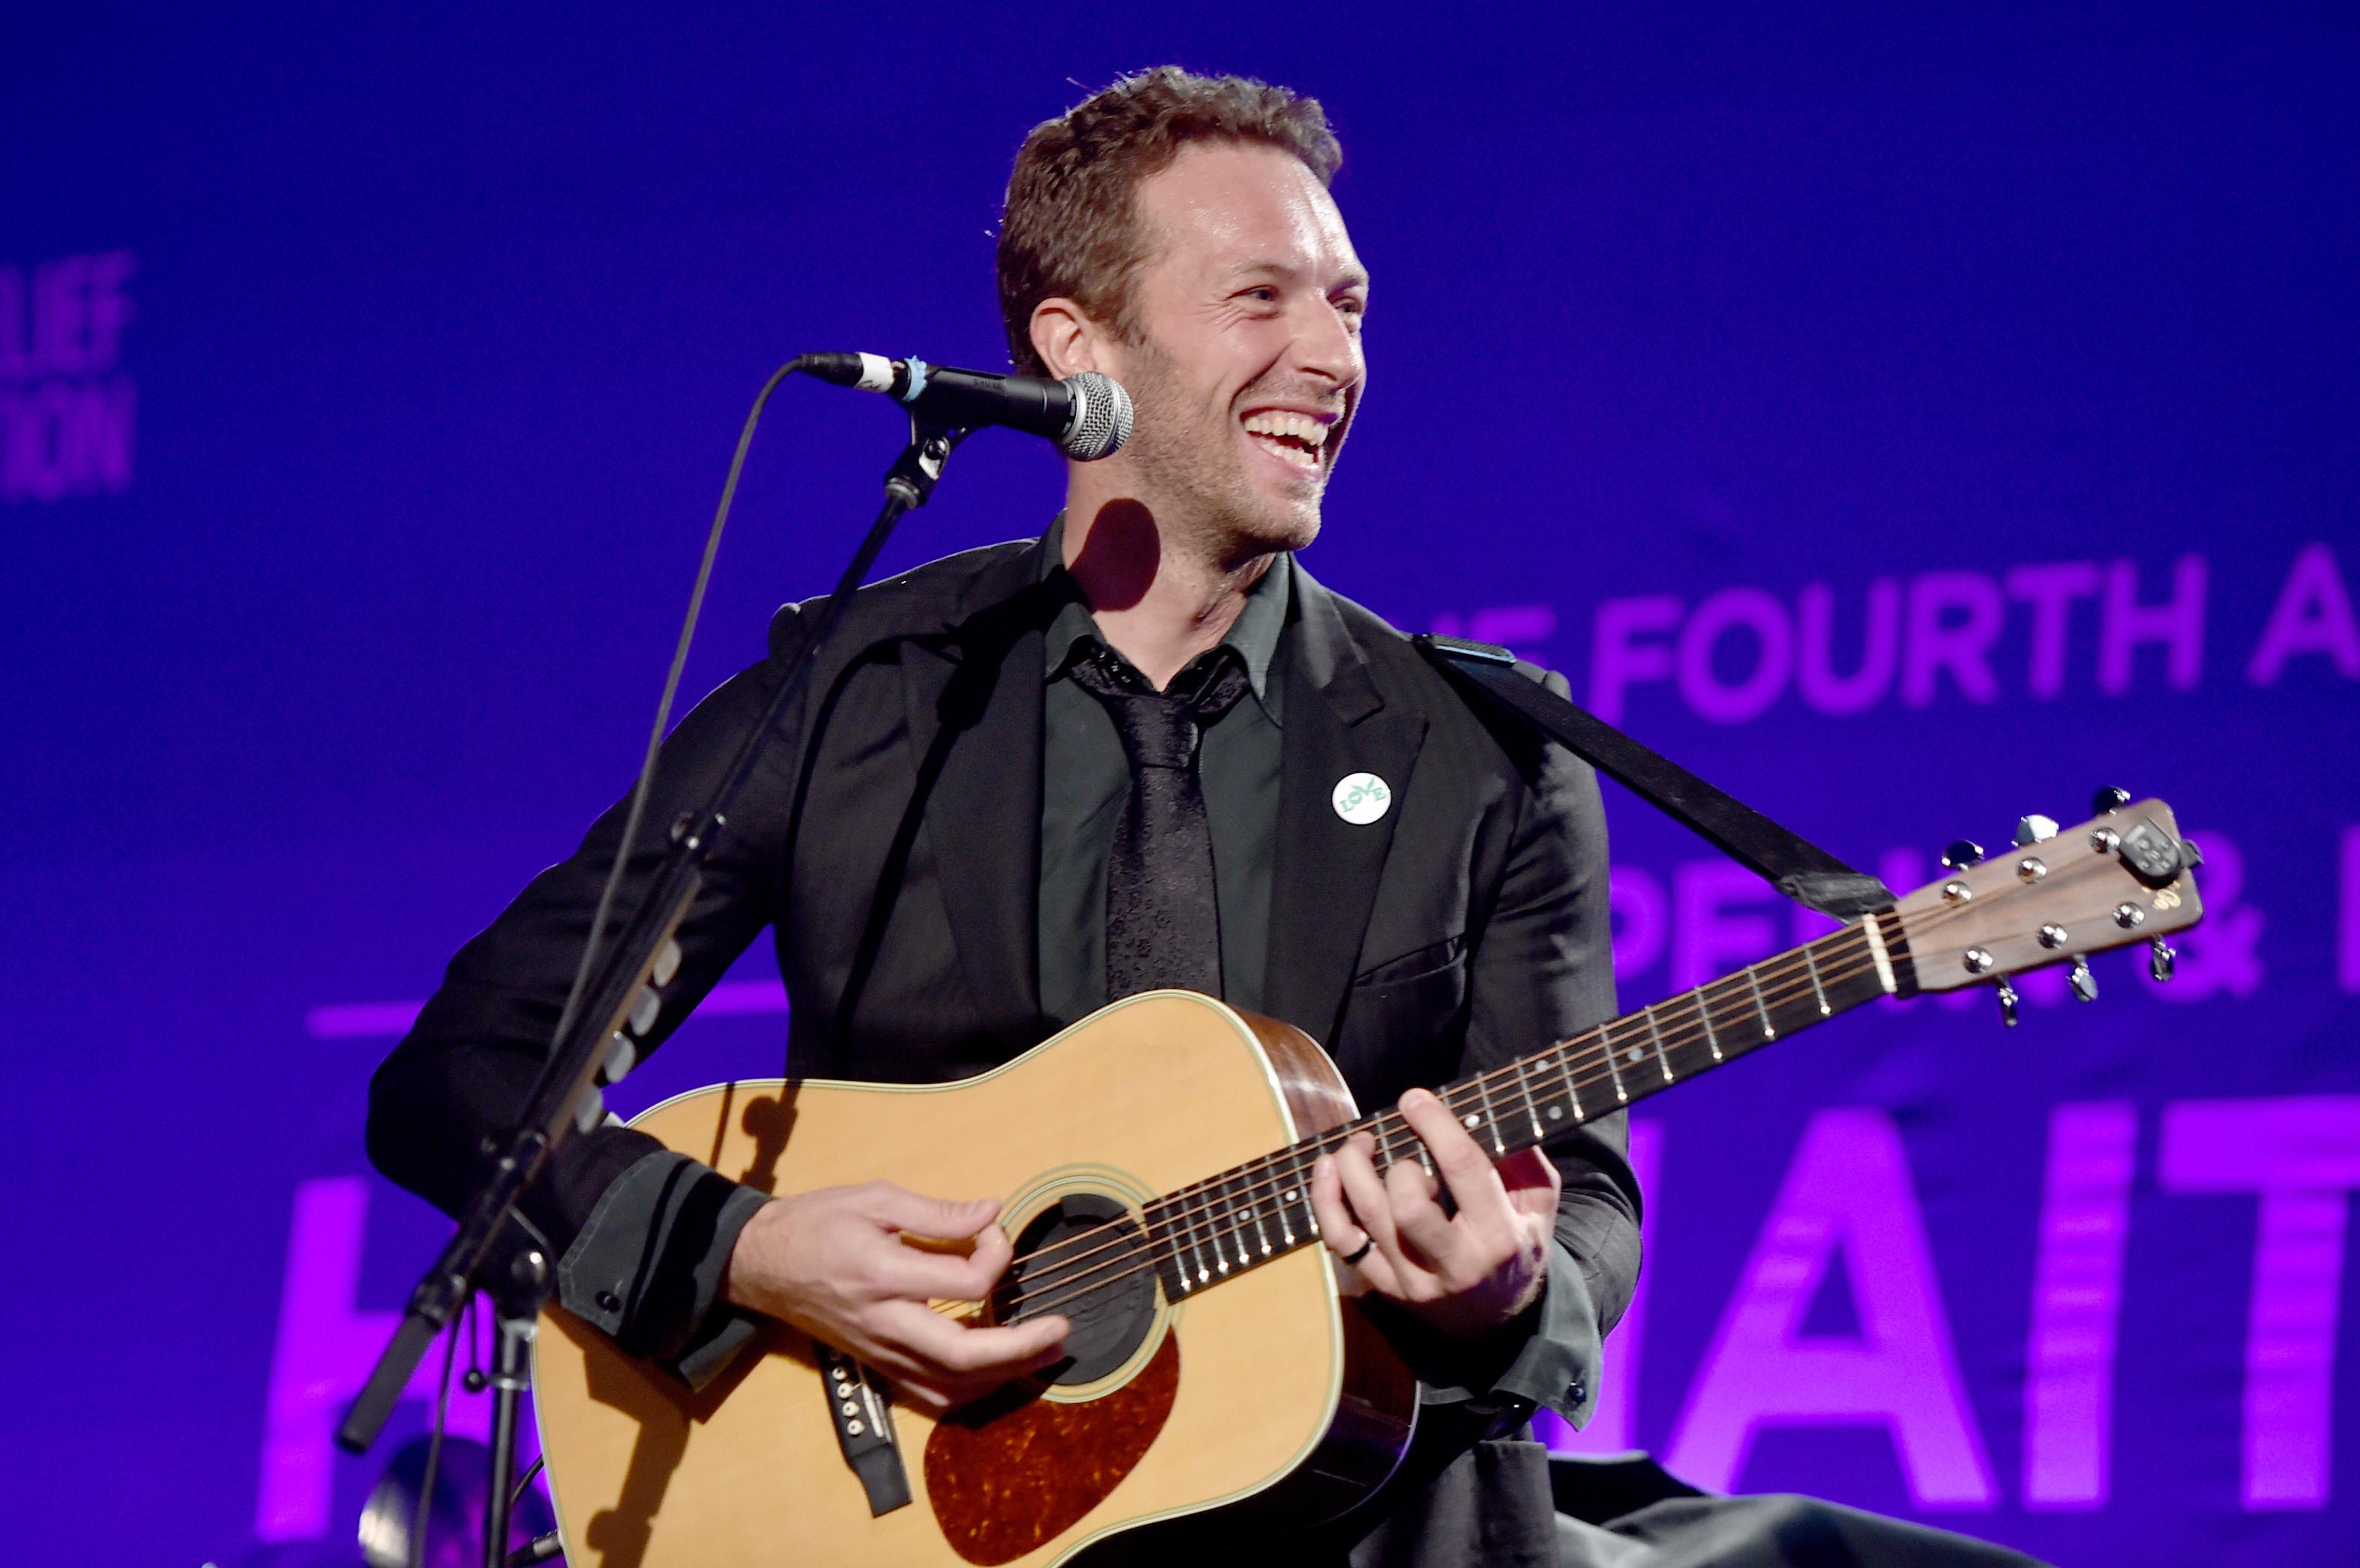 10 artistas perfectos para escuchar al conducir: Coldplay, Ed Sheeran y más (FOTOS)